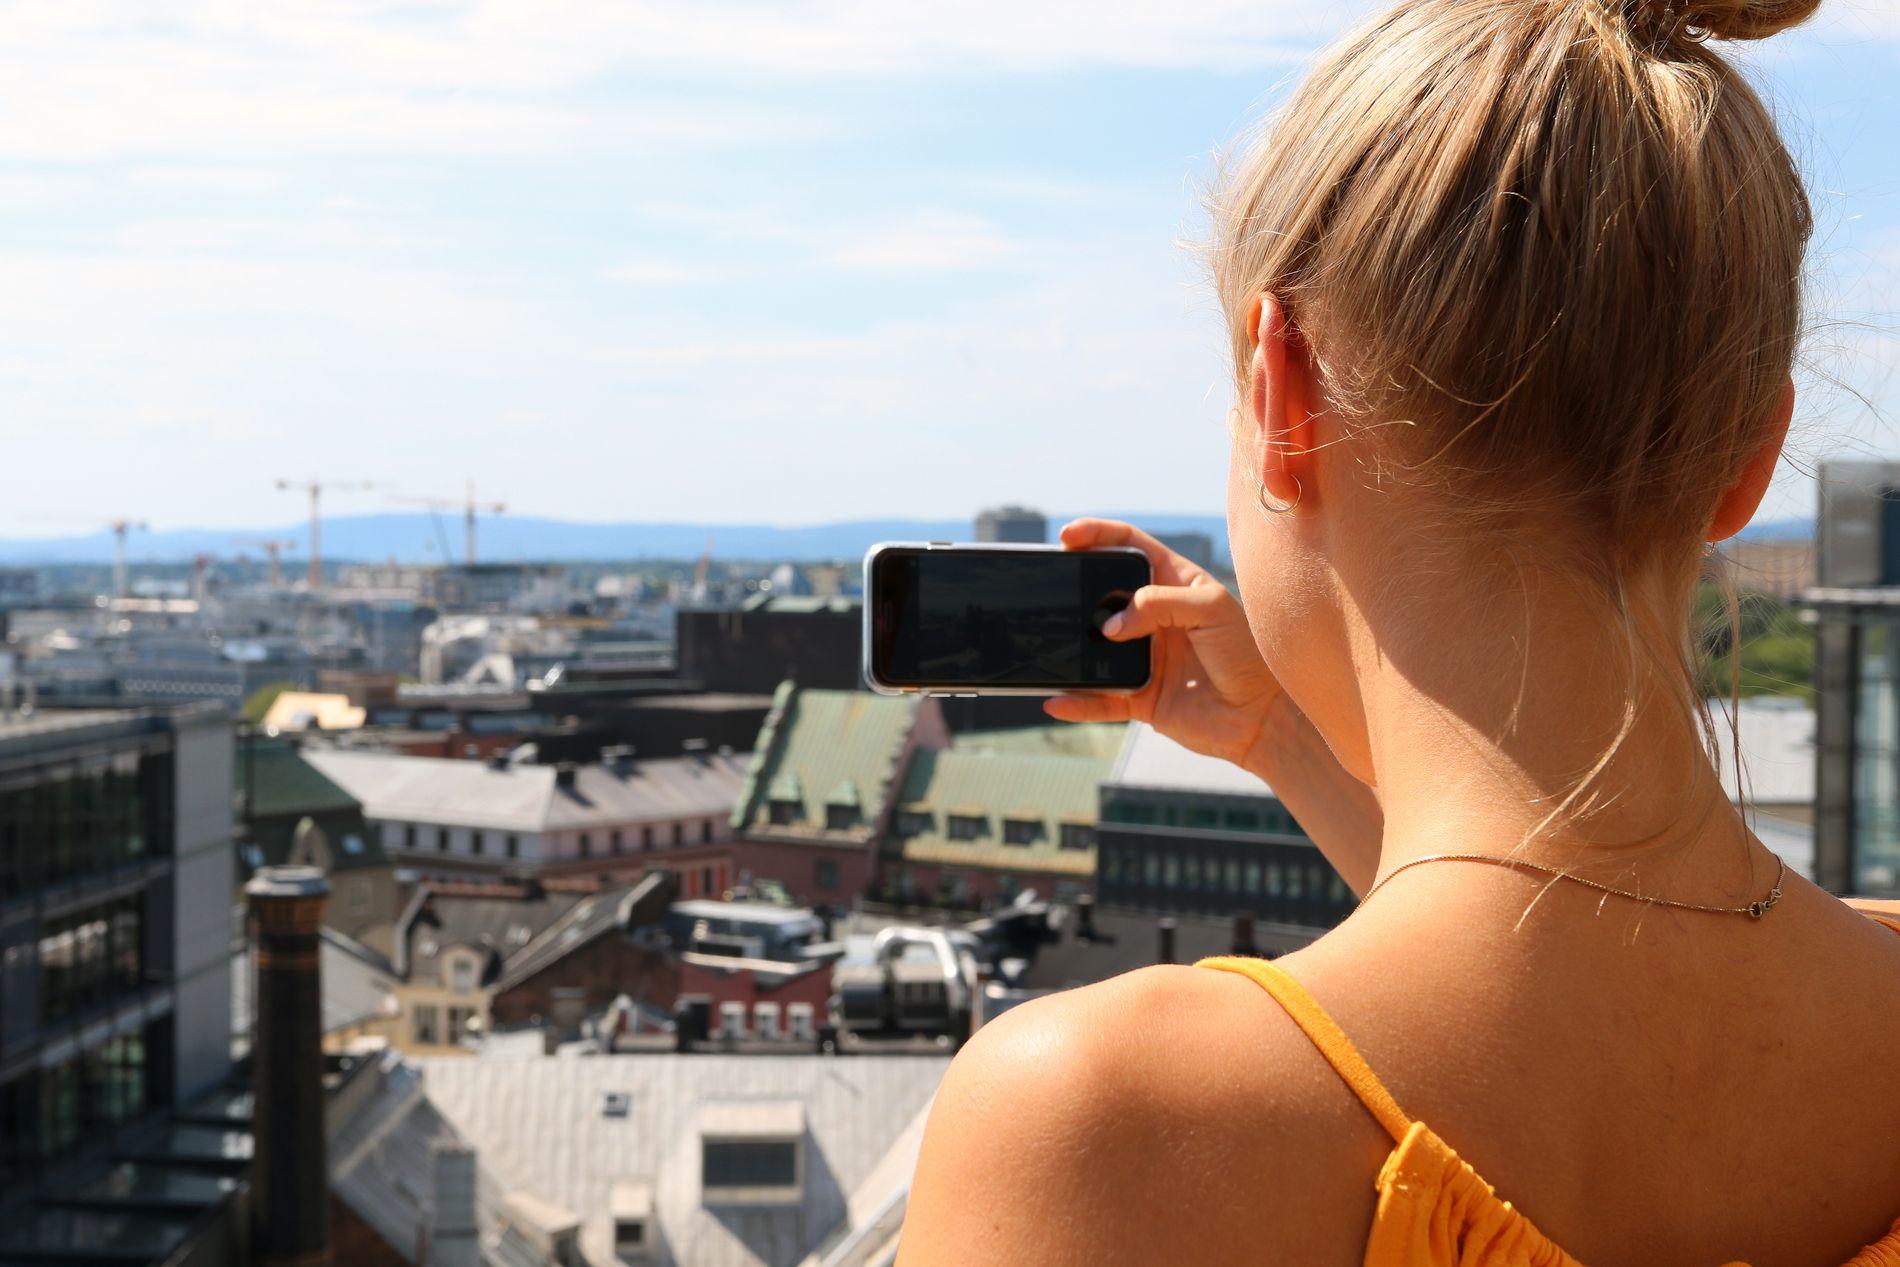 Det er leit å miste fine ferieminner. Med Min Sky får alle Telenor-kunder ubegrenset lagring av mobilbilder.